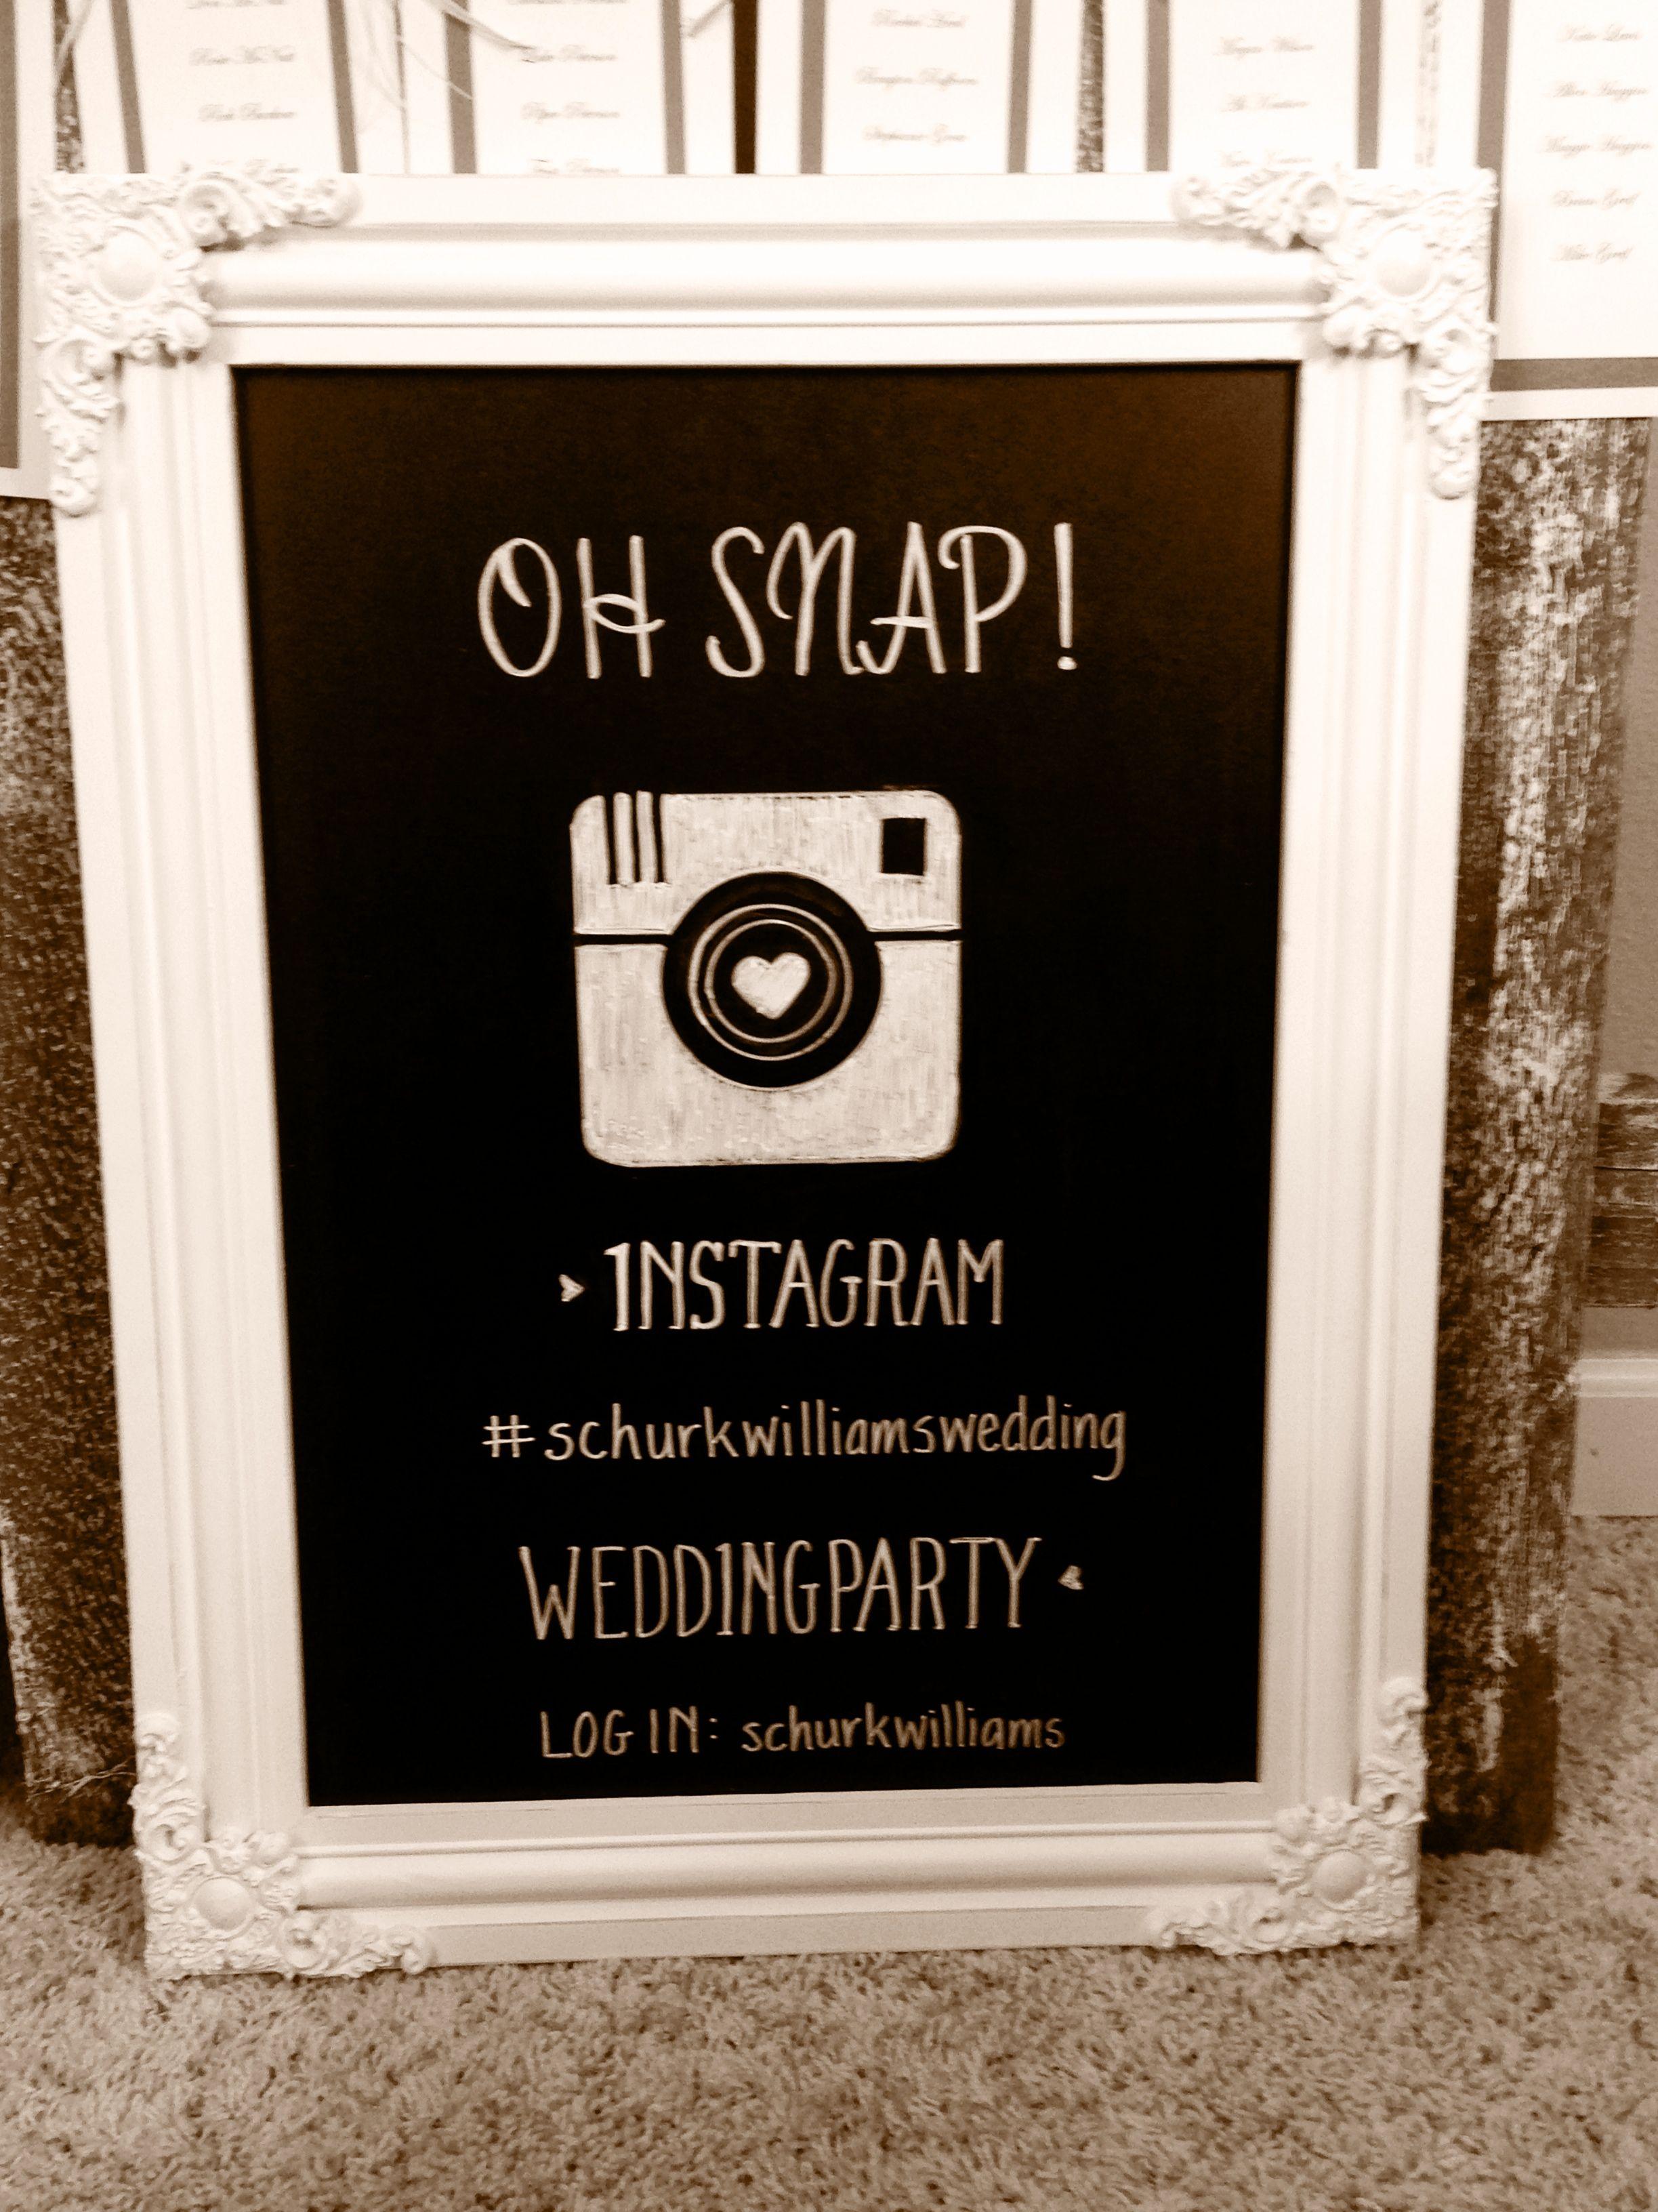 Images of Wedding Hashtag Ideas - Dulkin